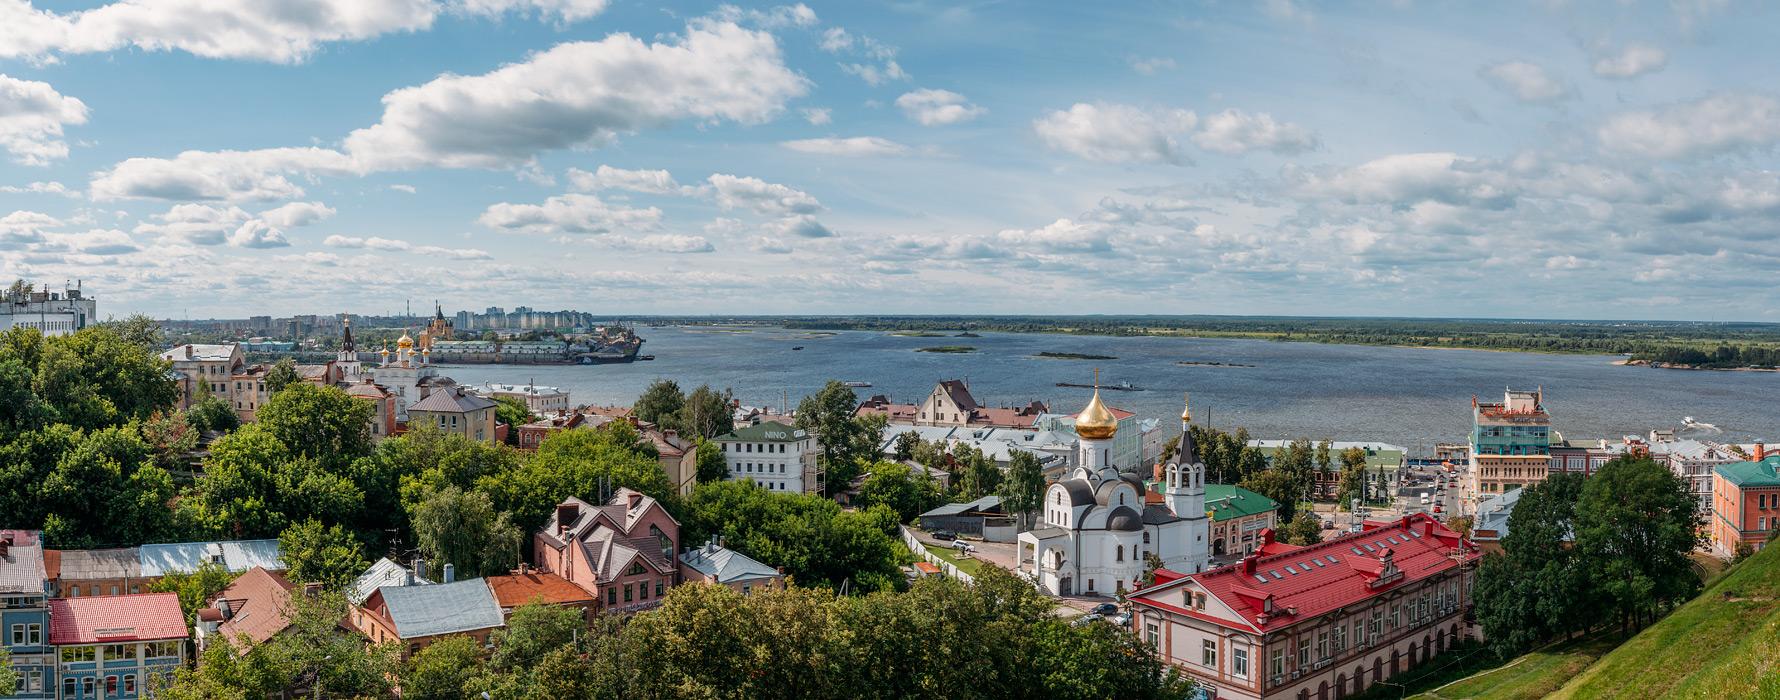 Вид от нижегородского кремля,стрелка Оки и Волги.